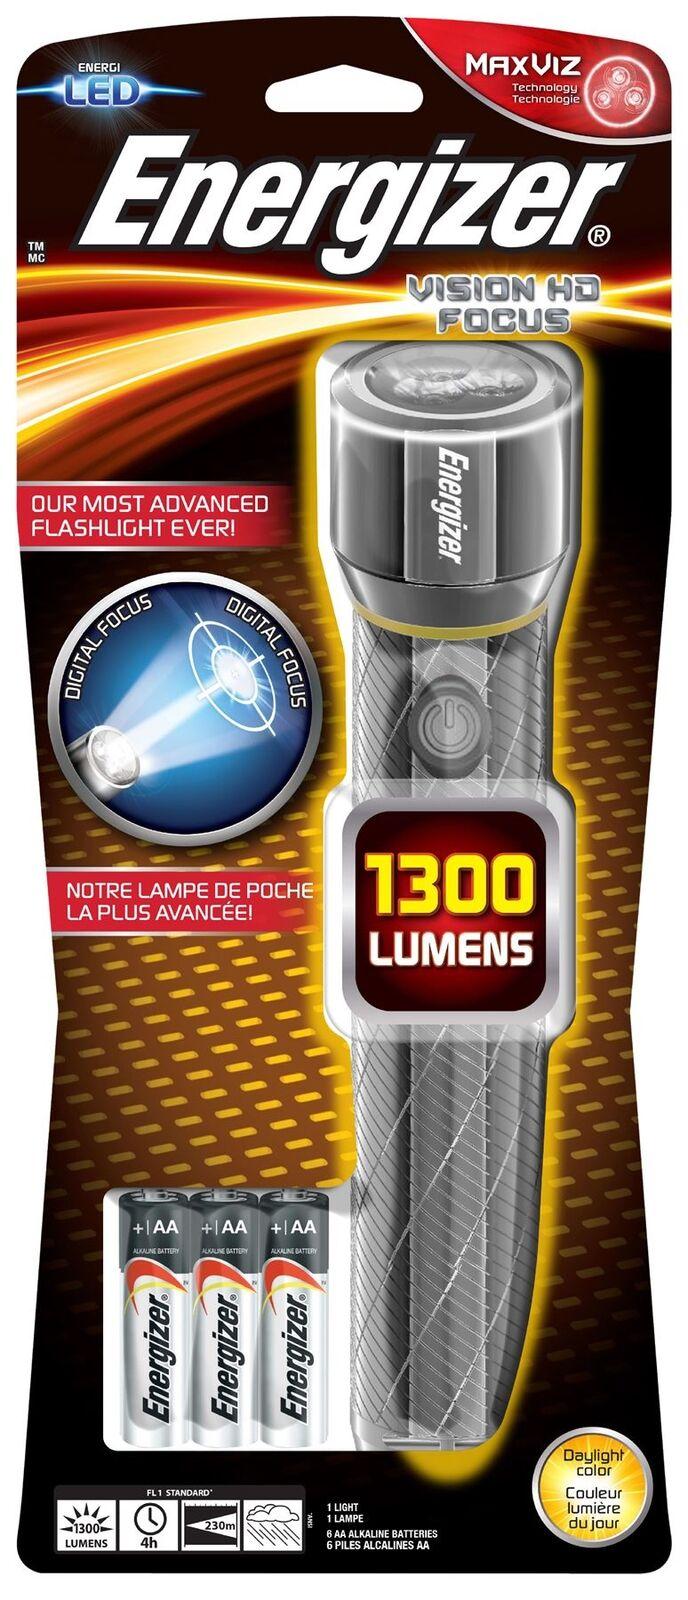 Torcia Led Energizer 1300 LM EN53541959700